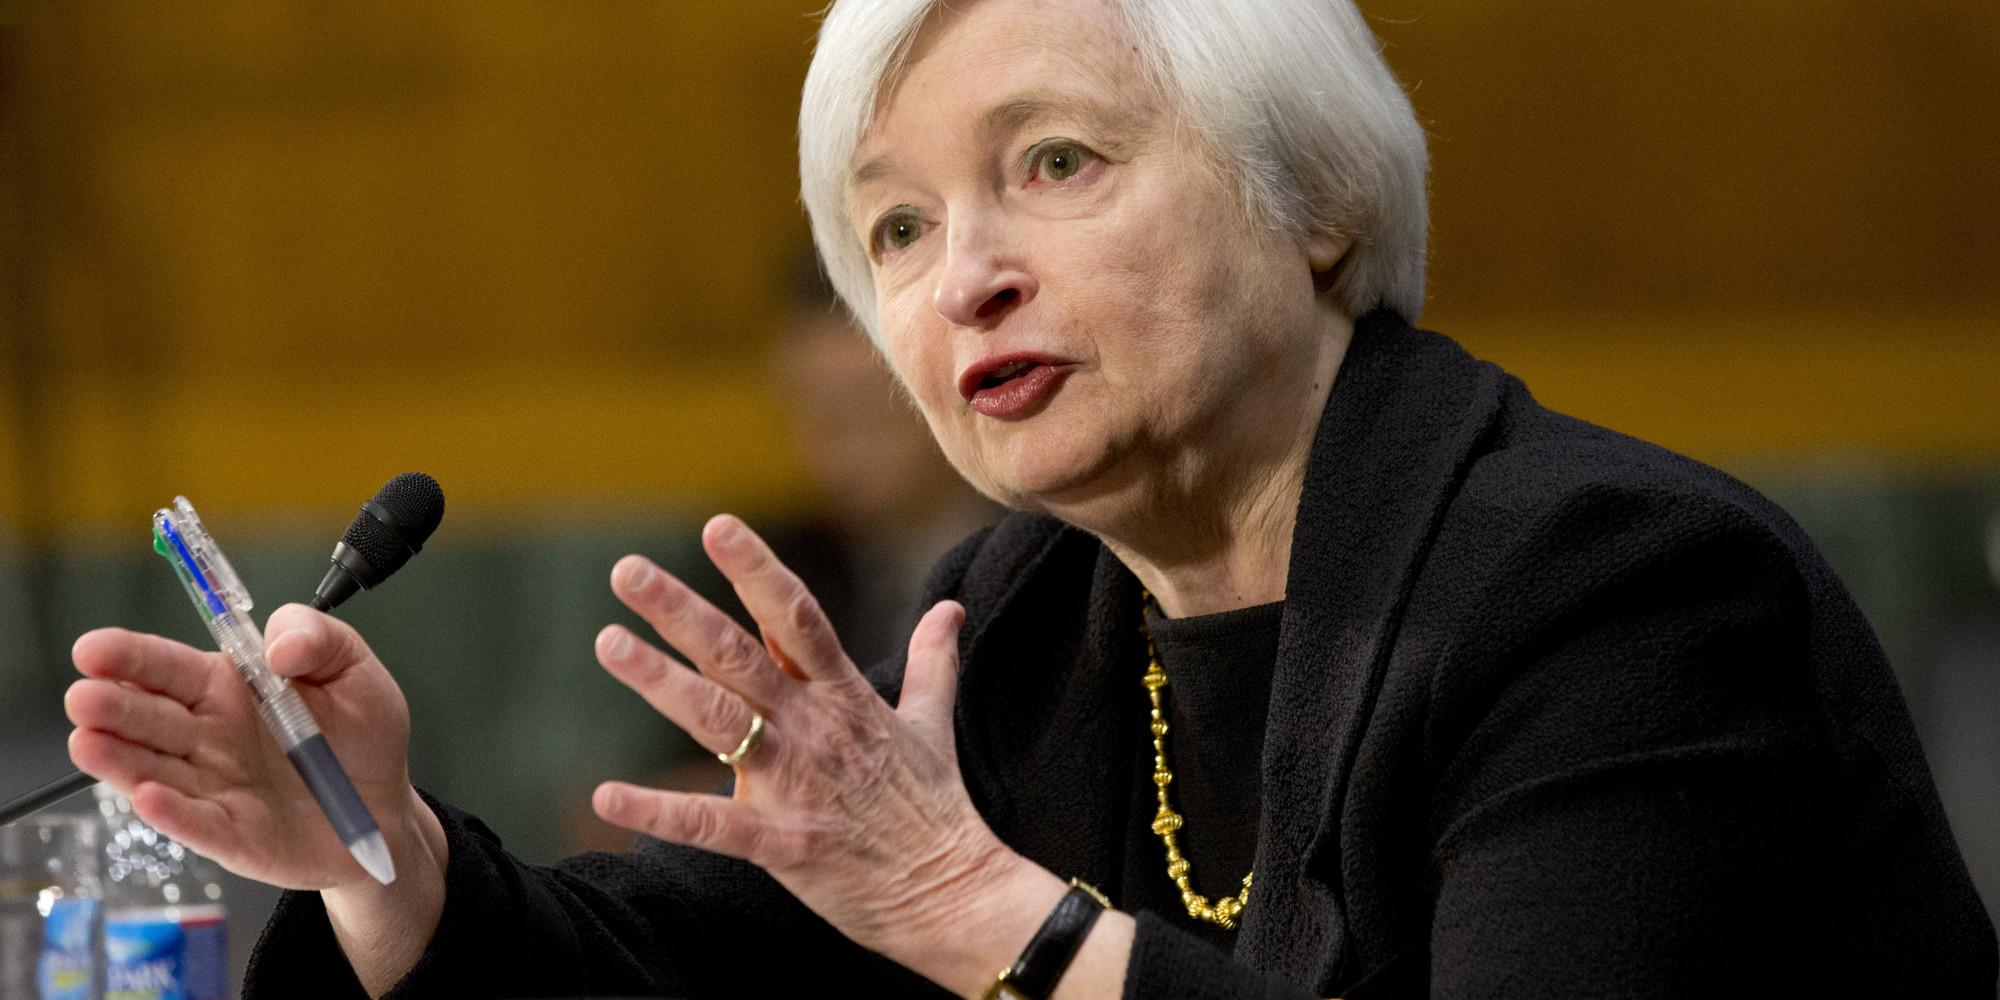 أبرز نقاط نص شهادة يلين محافظ الاحتياطي الفيدرالي أمام الكونجرس